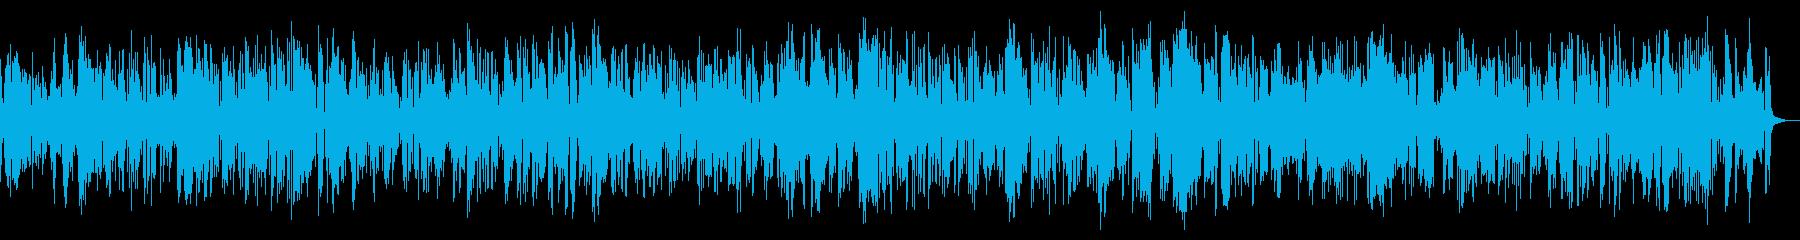 古いクラリネットのディキシーランドジャズの再生済みの波形